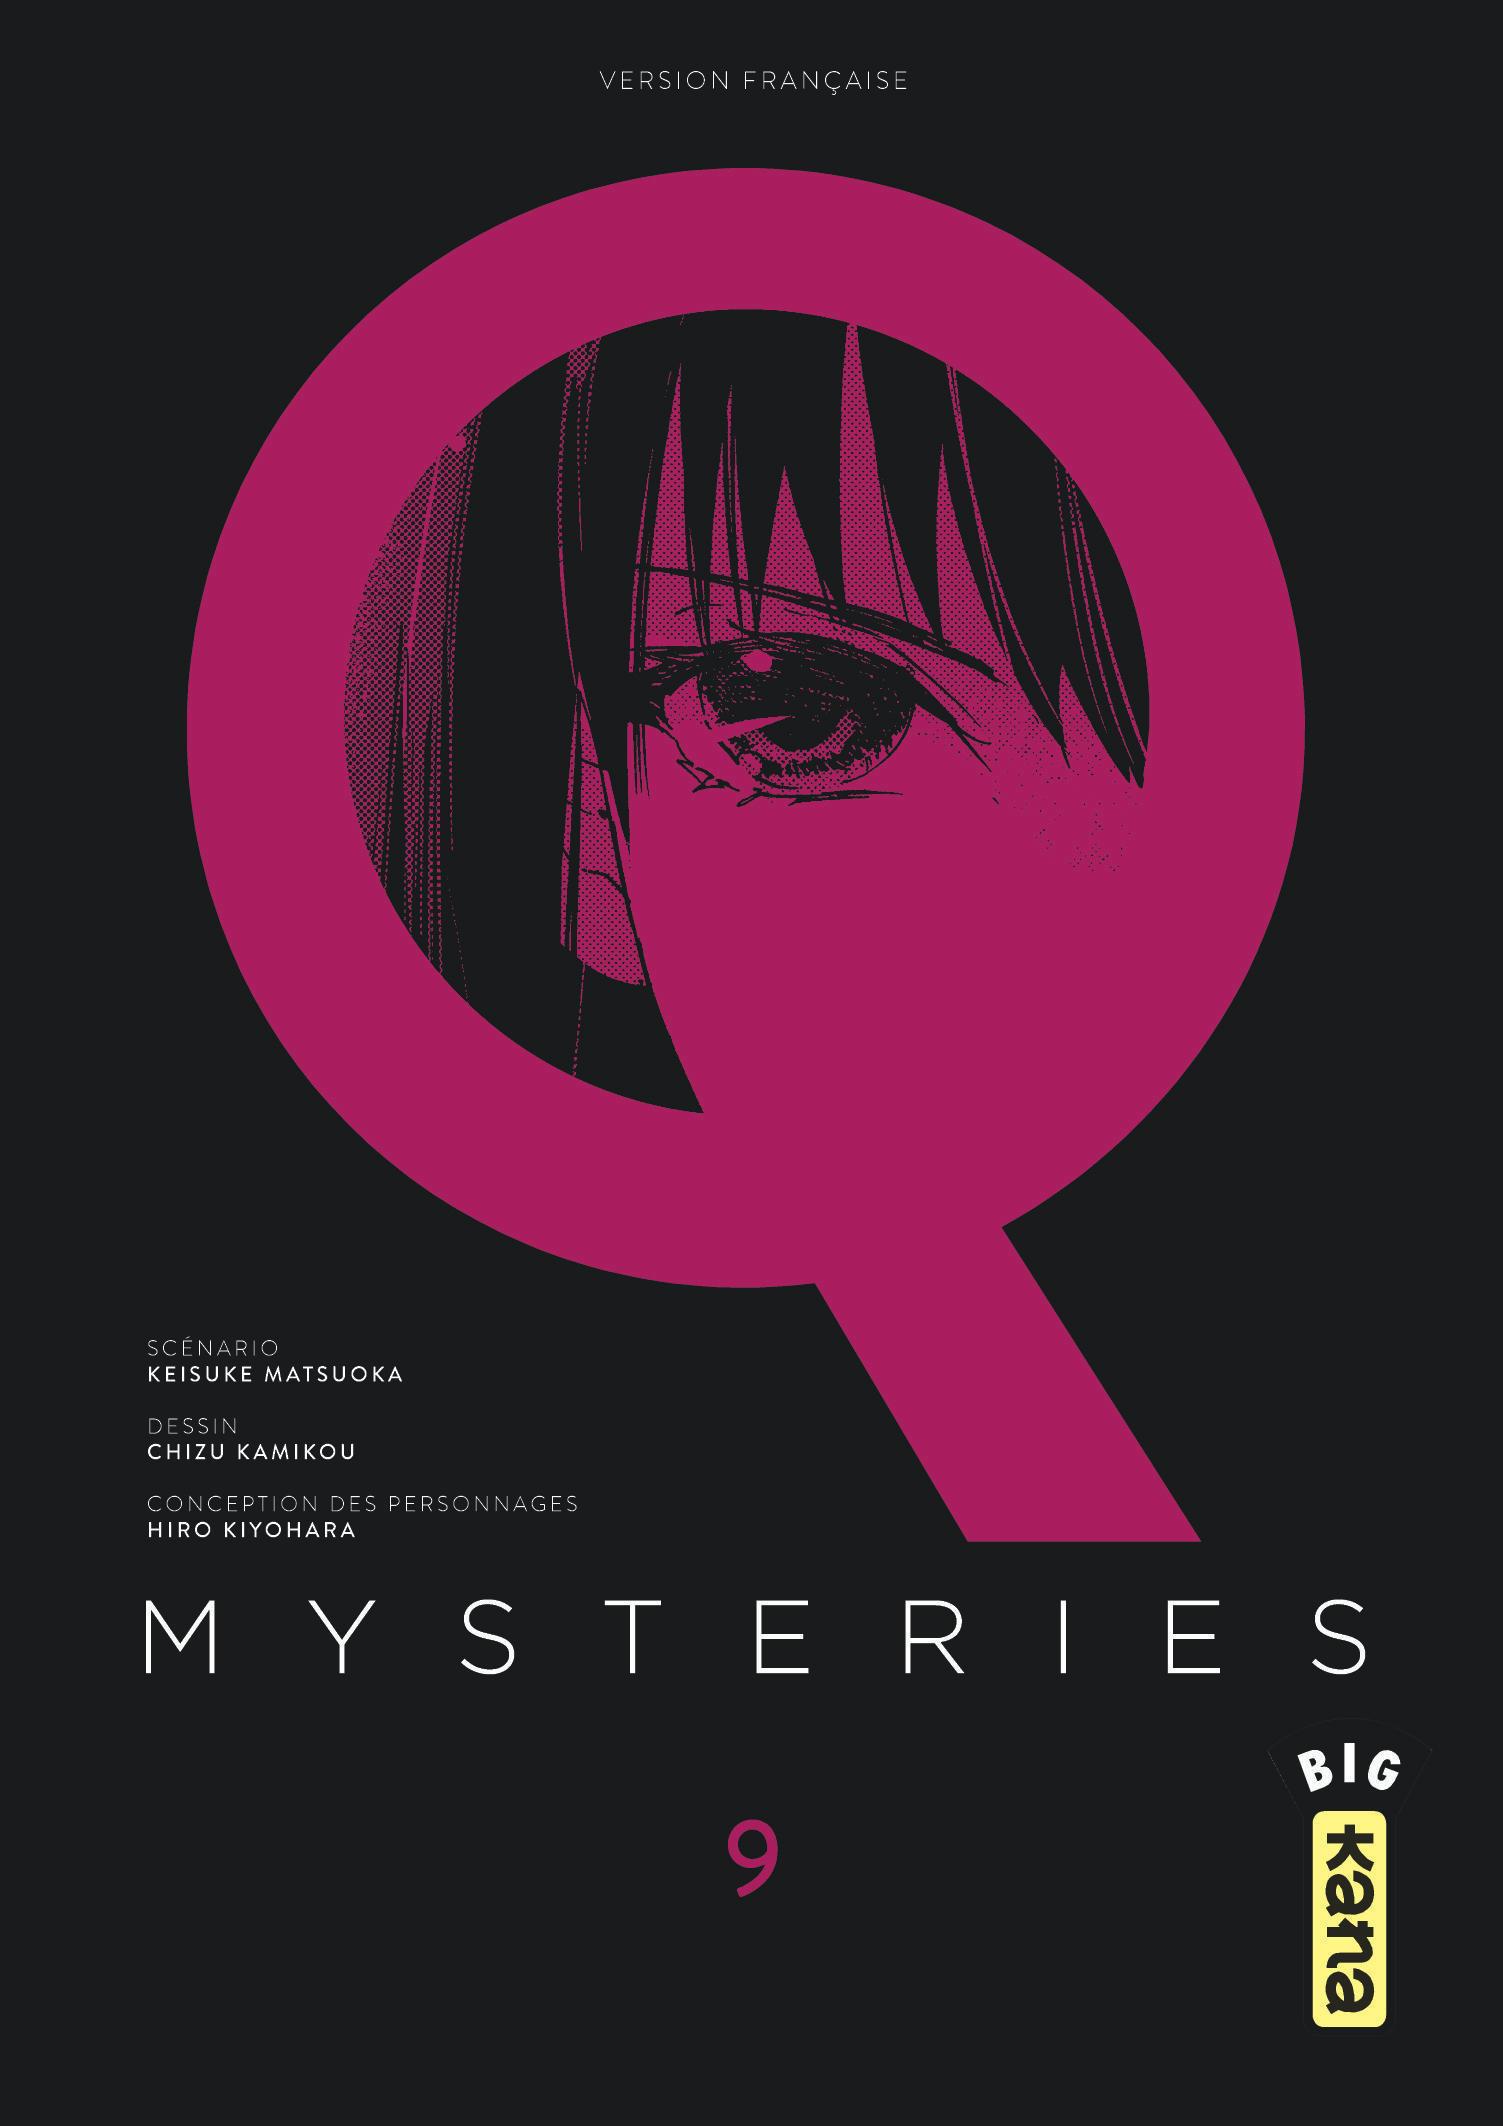 Q MYSTERIES T9